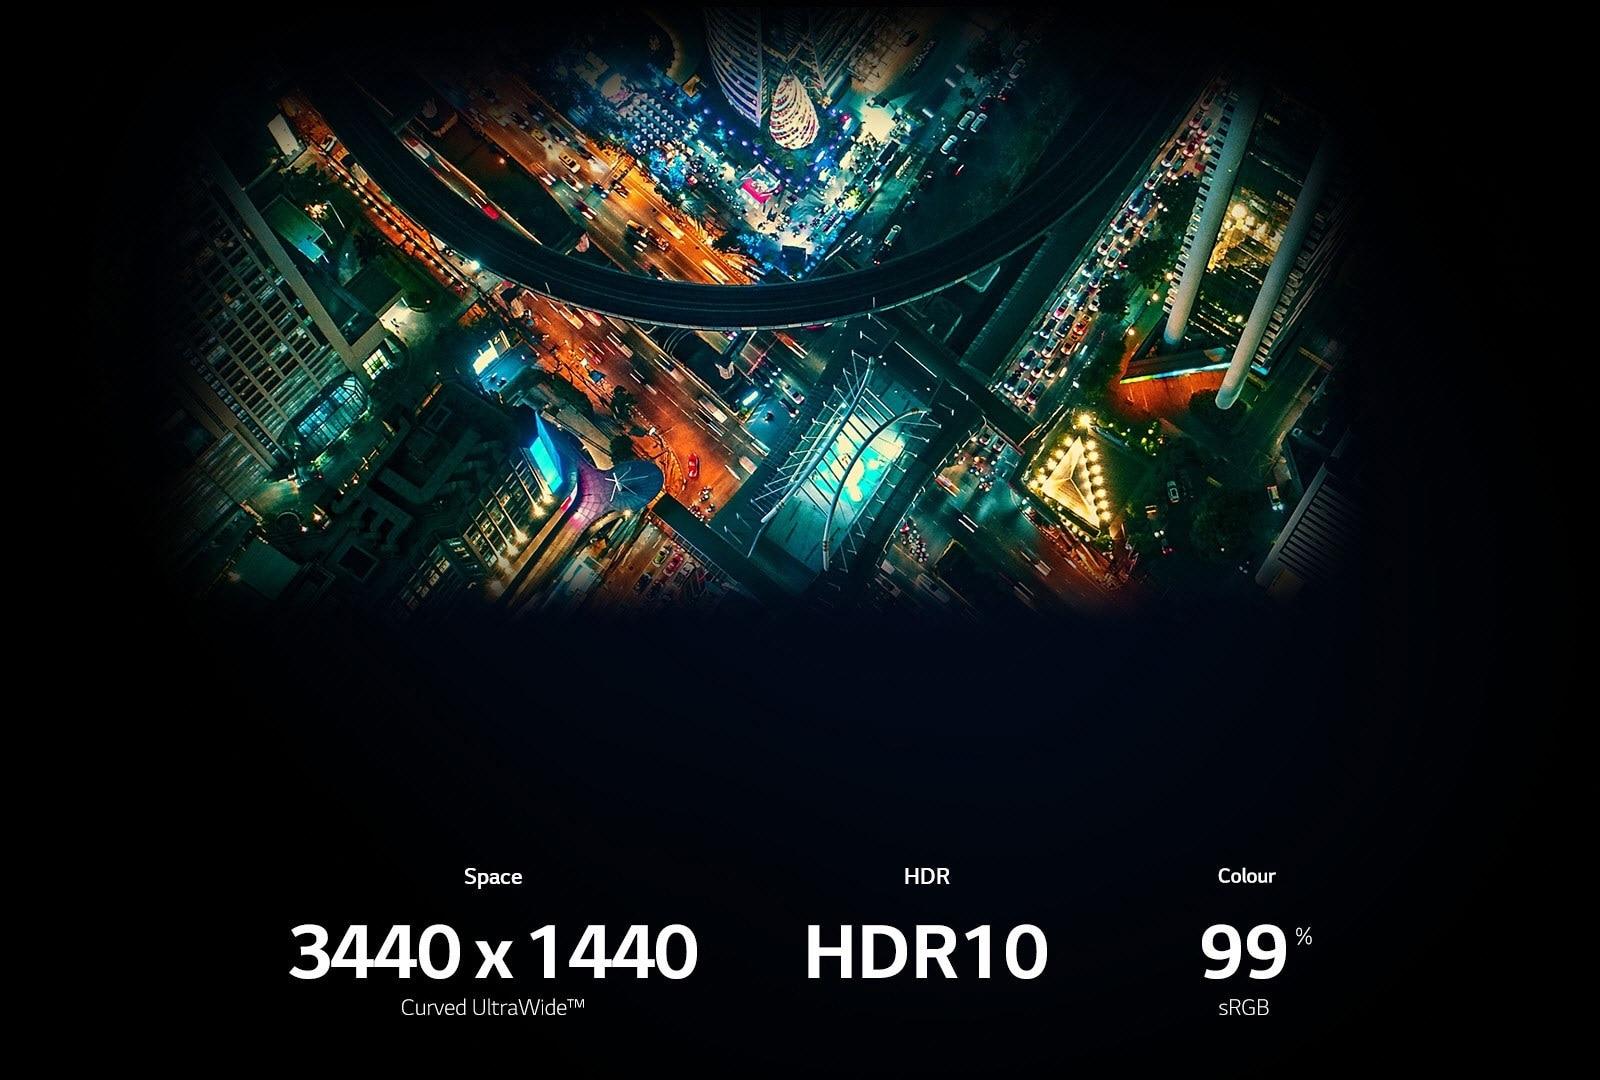 MNT-34WL85C-01-2-Curved-UltraWide-BG-Desktop1